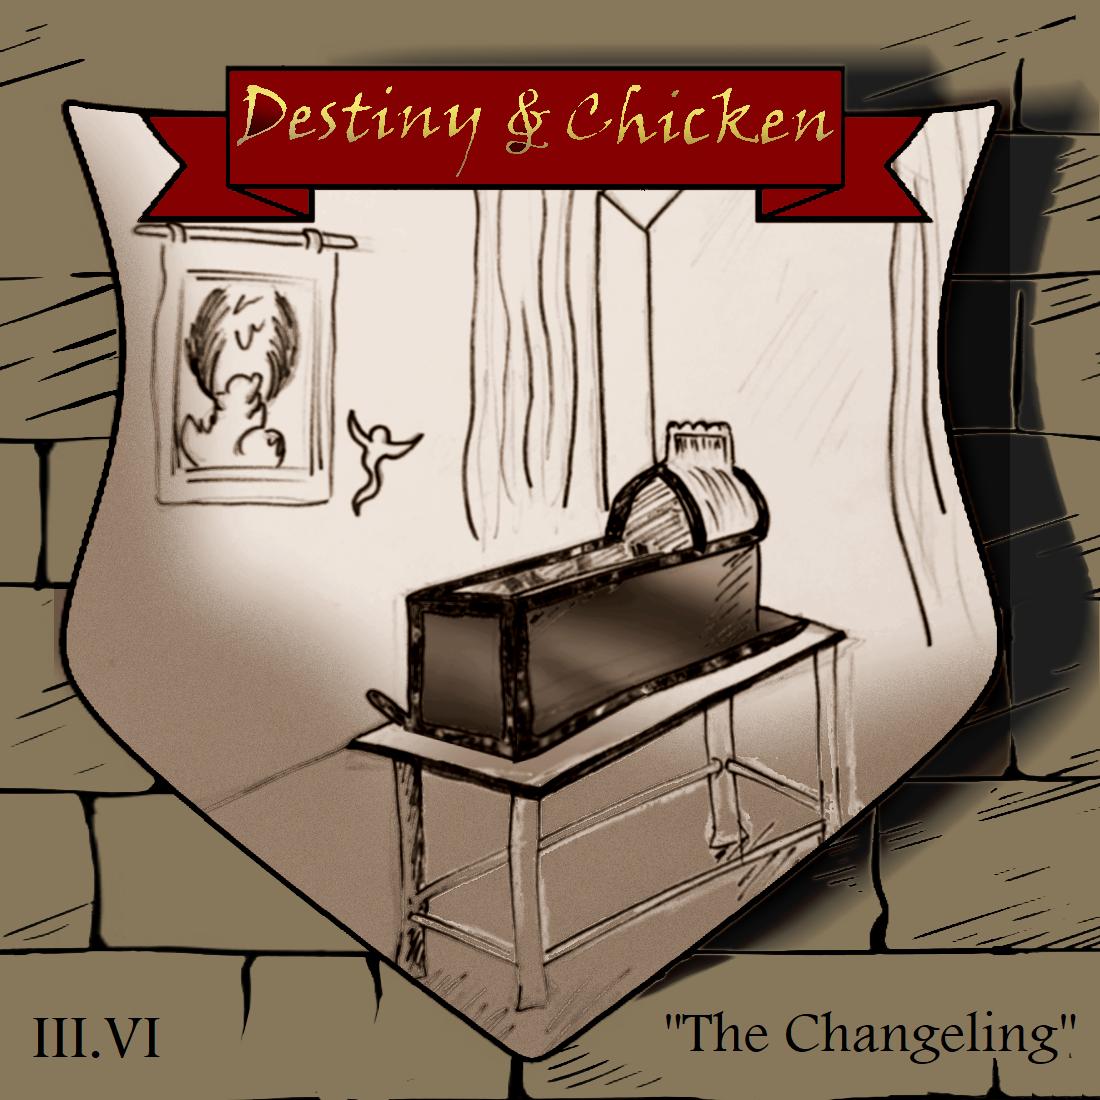 Episode III.VI - The Changeling